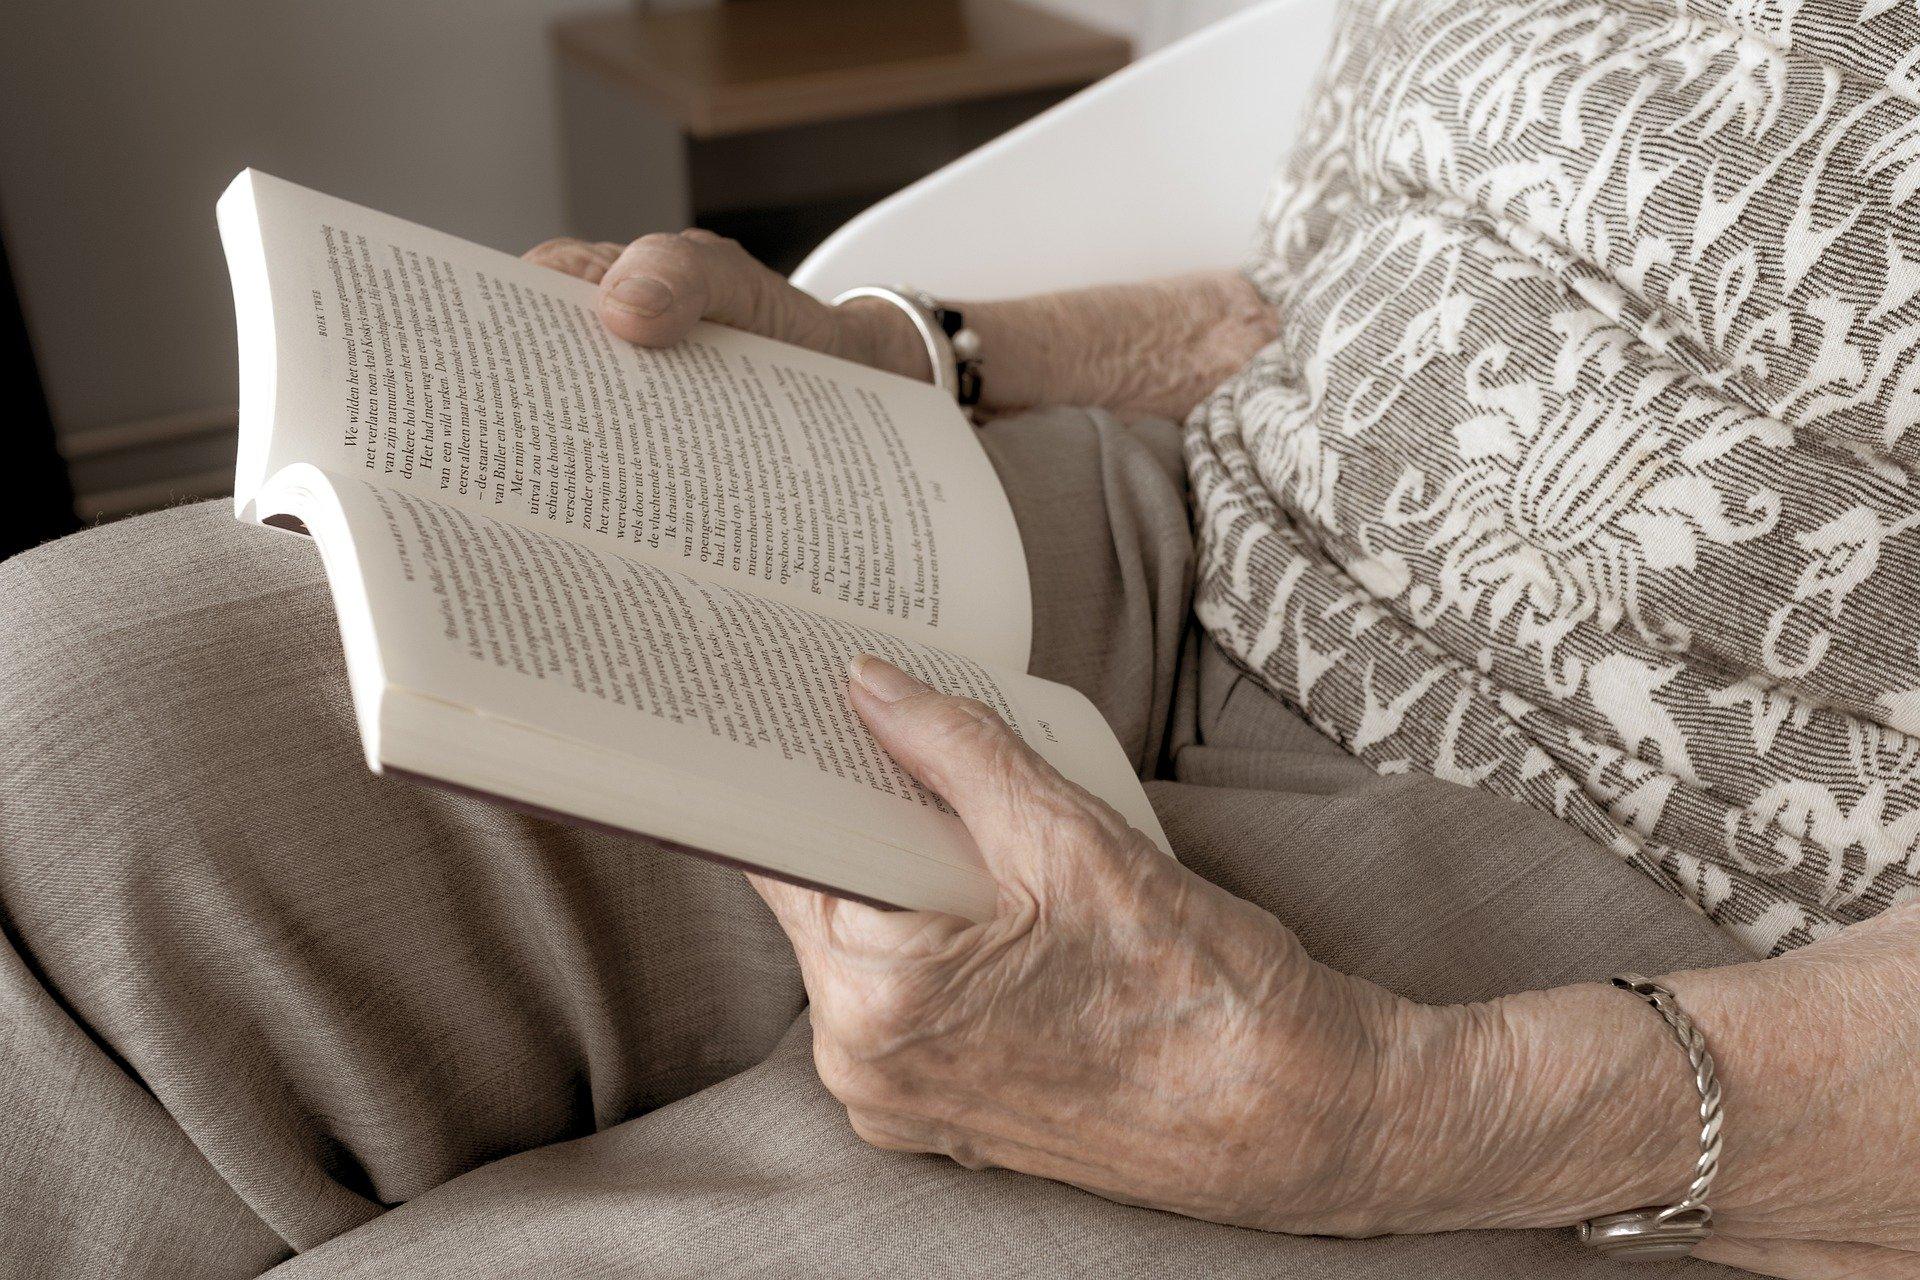 El Gobierno de Canarias reconoce la lucha de las personas mayores y su necesaria contribución a la sociedad actual